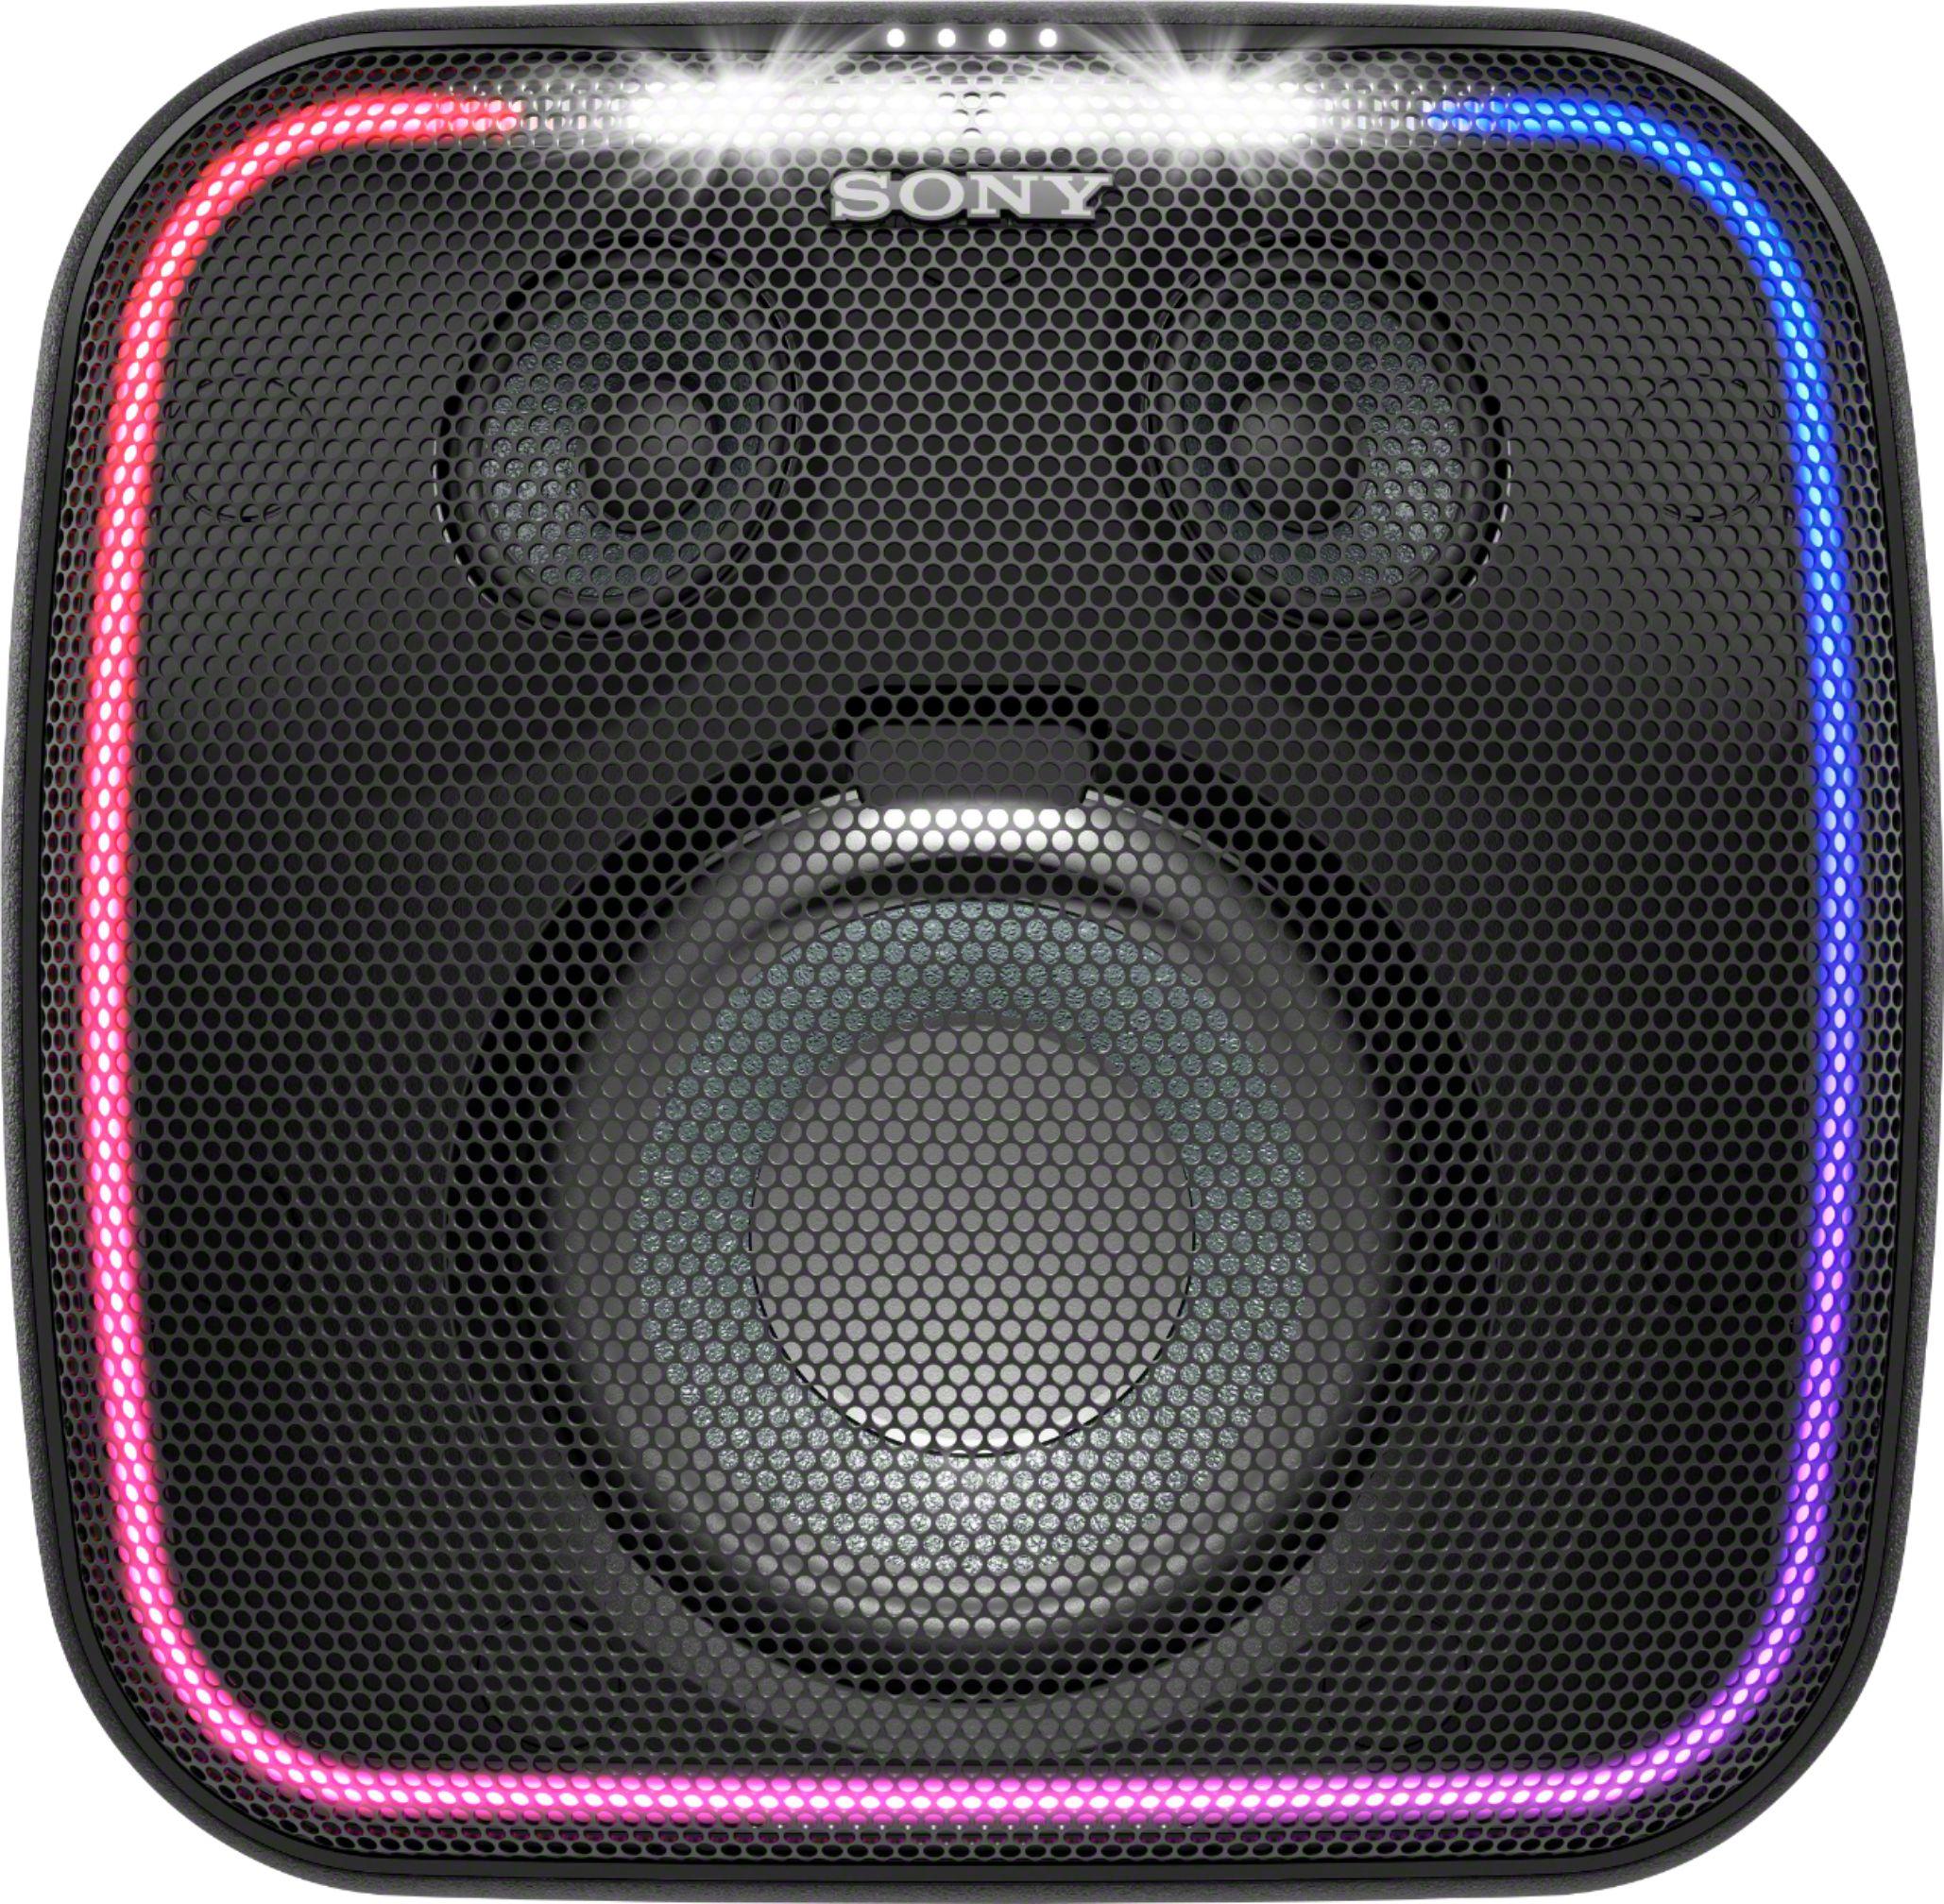 Best Buy : Sony - SRS-XB501G Wireless Speaker $149.99